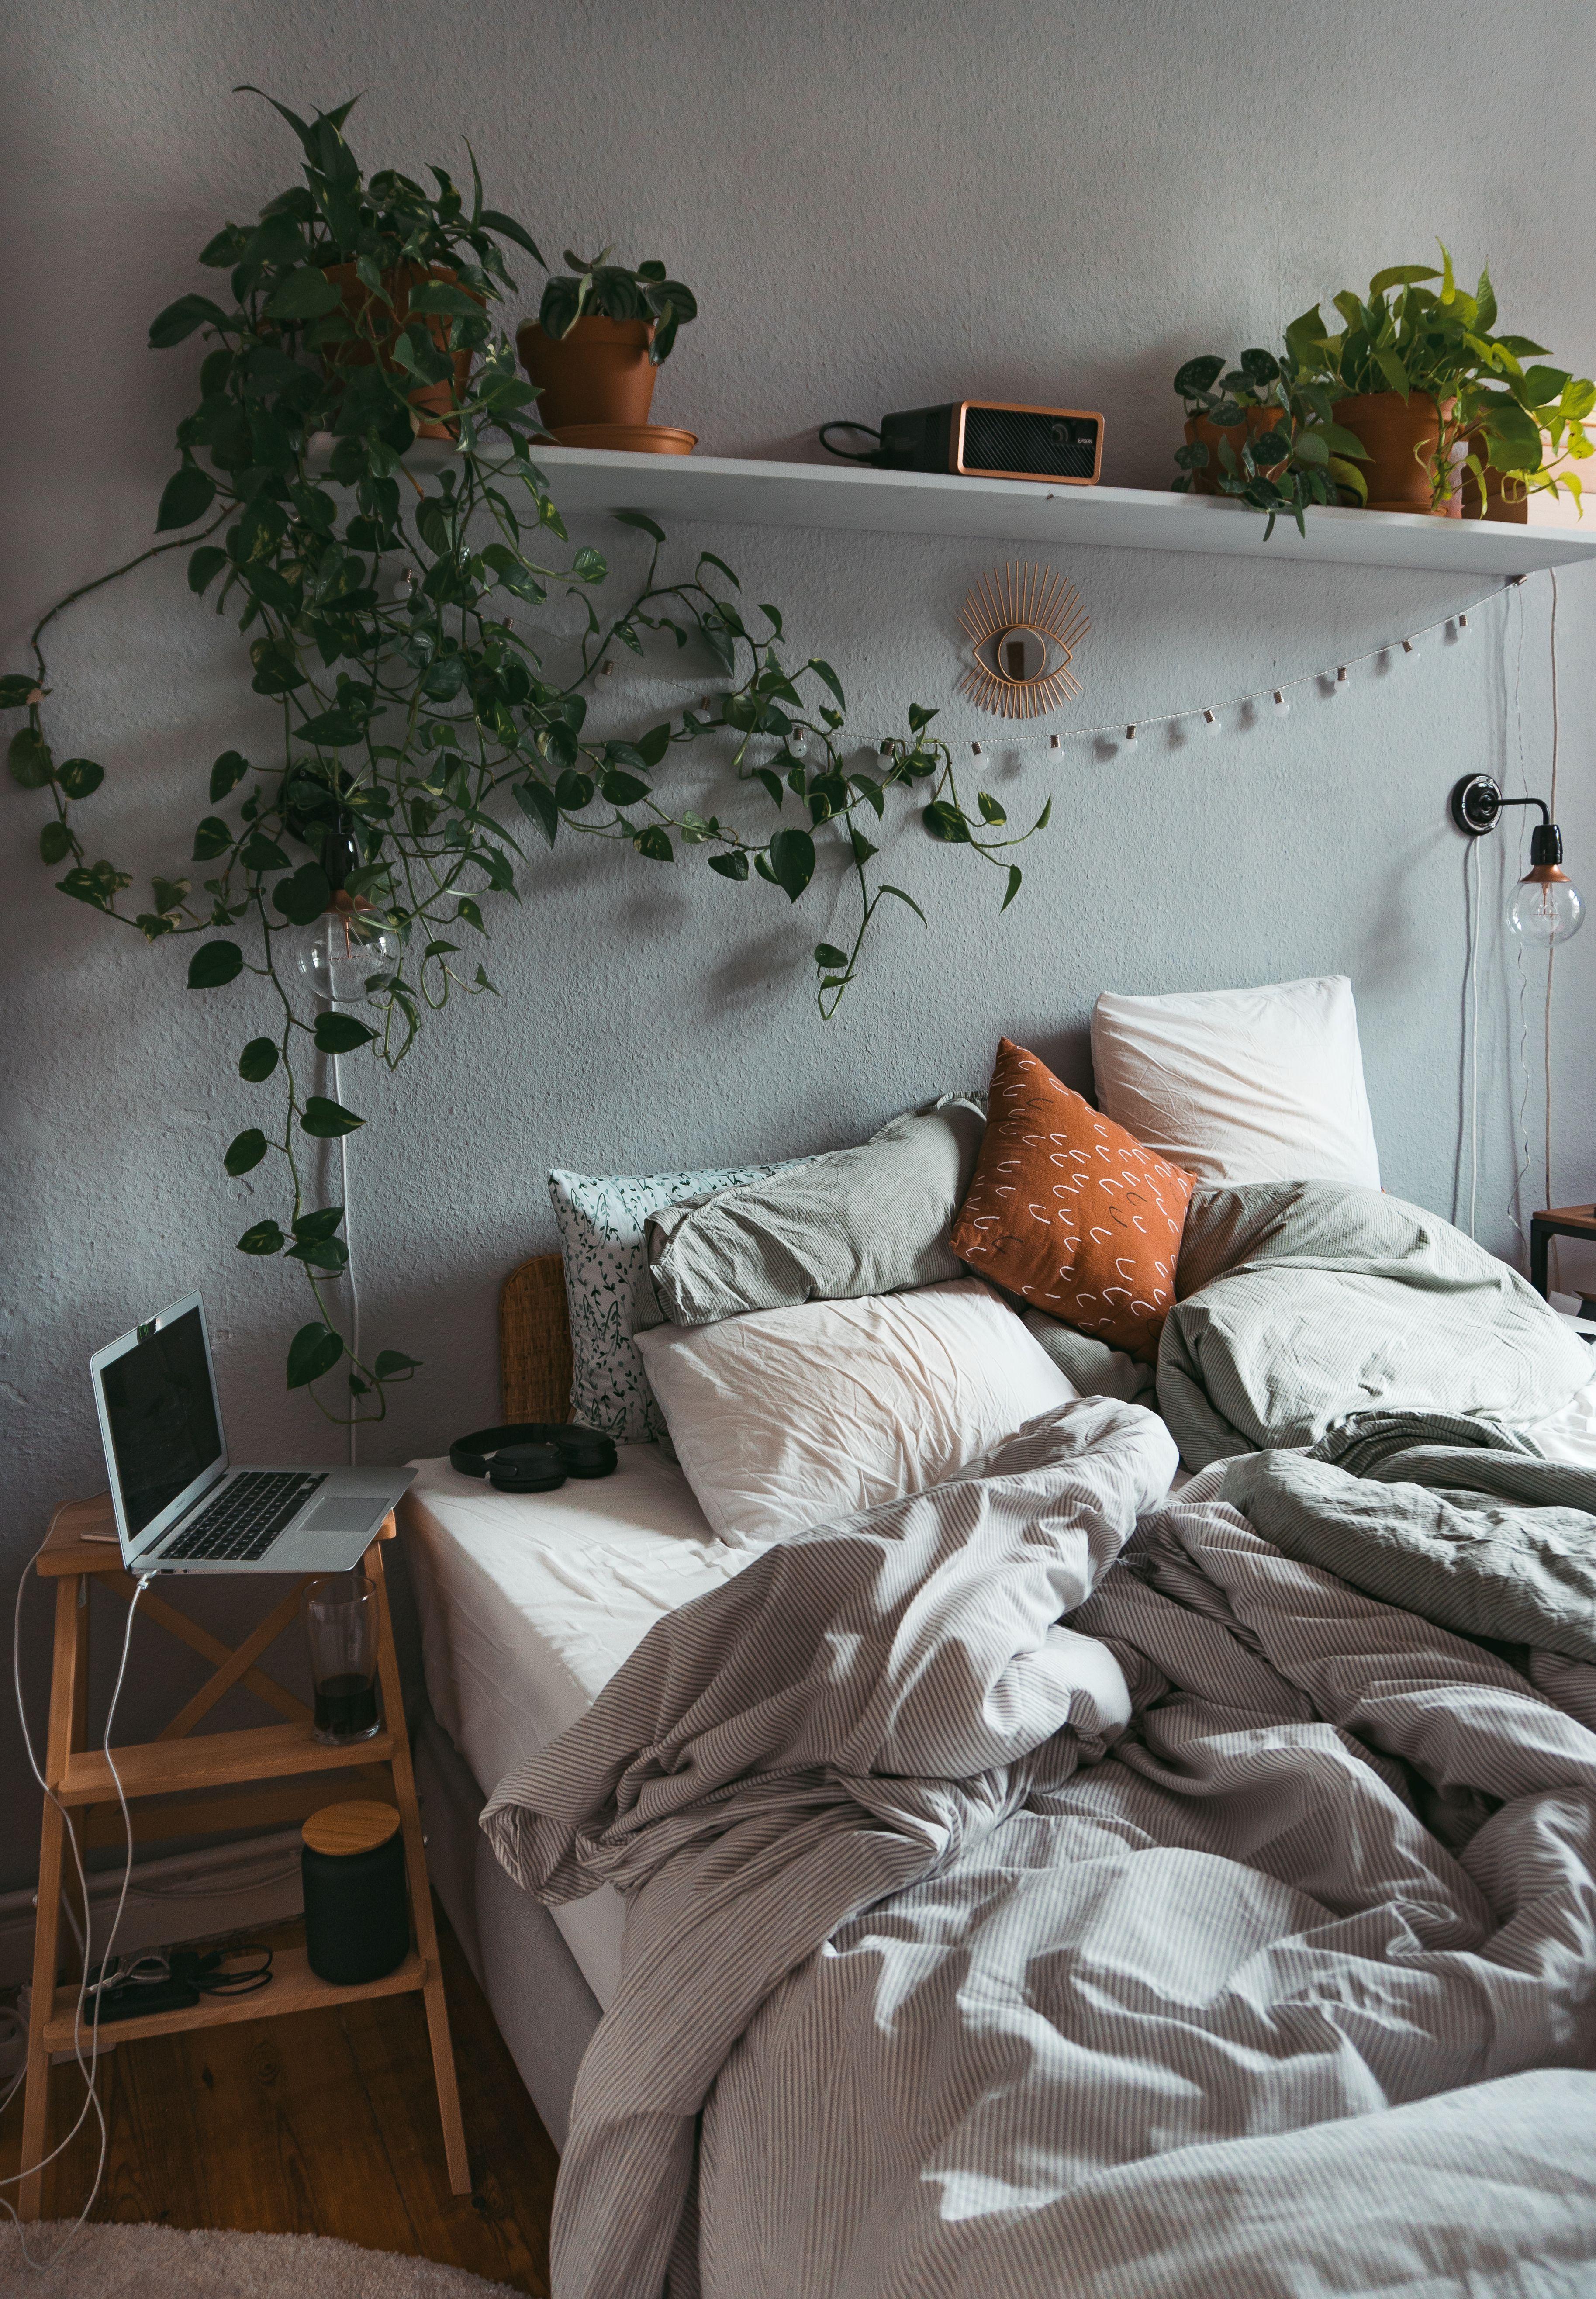 Photo of Home Interior I tessuti scandinavi arricchiscono me e le nostre 4 pareti. Semplicemente non può essere sottovalutato il potere dei tessuti.